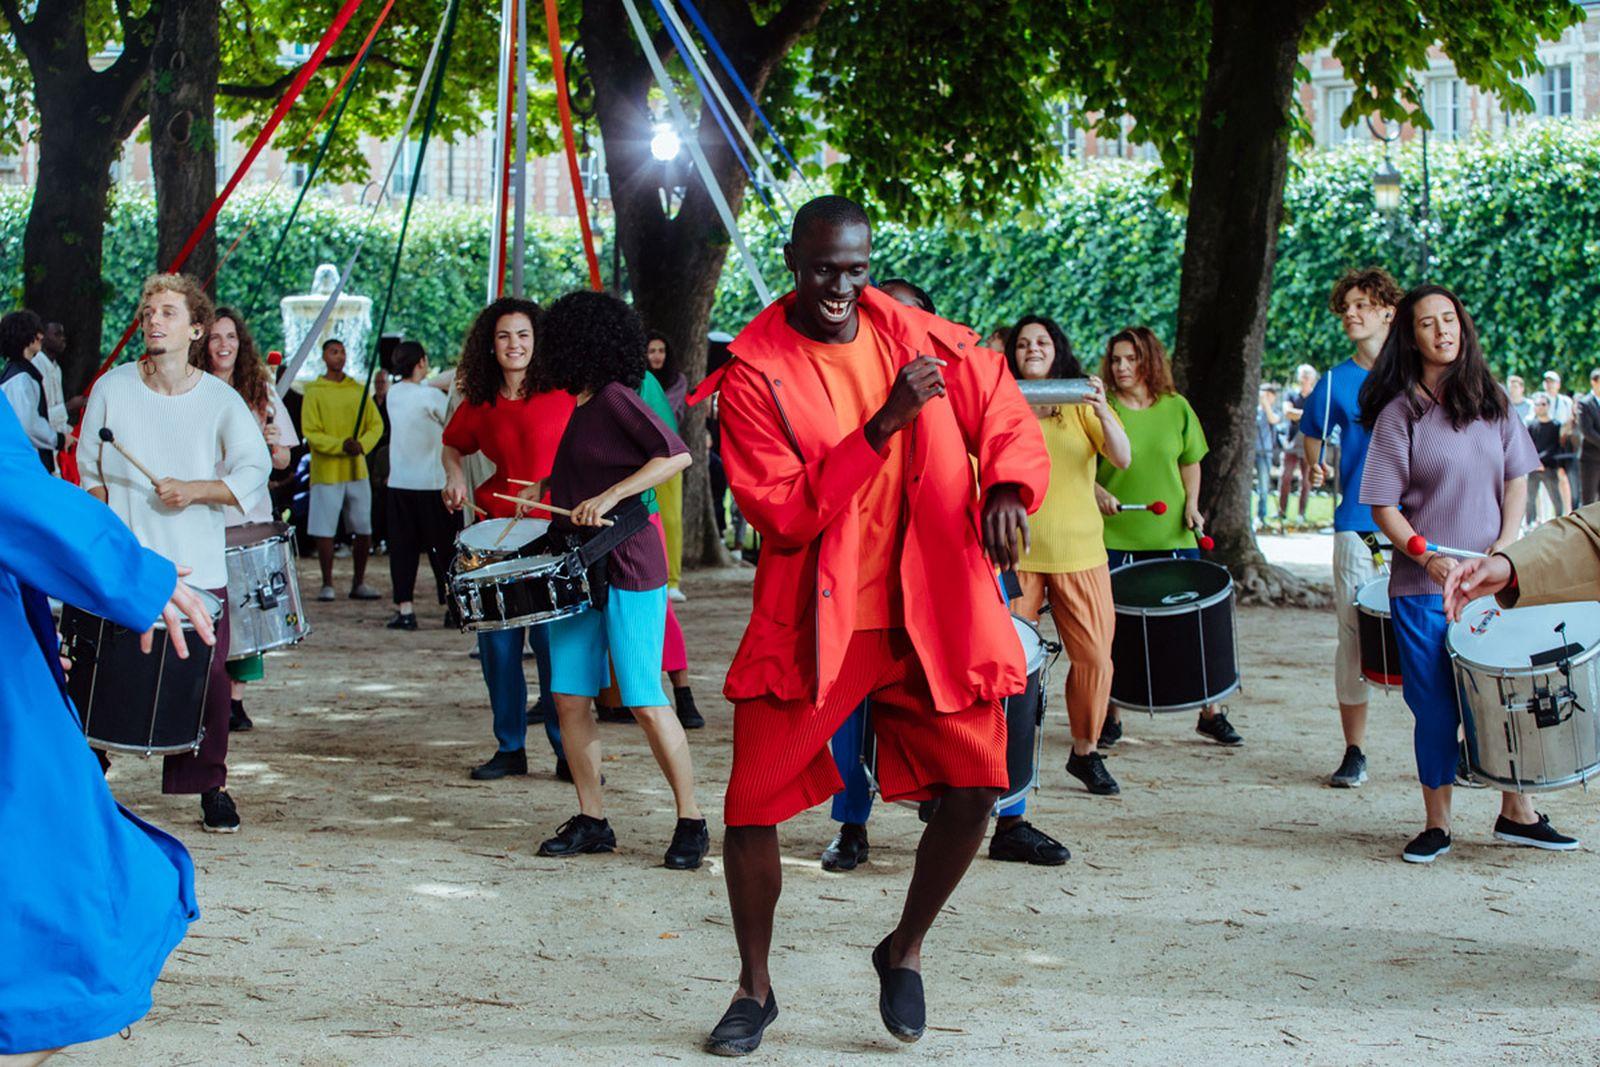 MSS20 Paris IsseyMiyake JulienTell ForWeb 11 Issey Miyake HOMME PLISSÉ paris fashion week runway